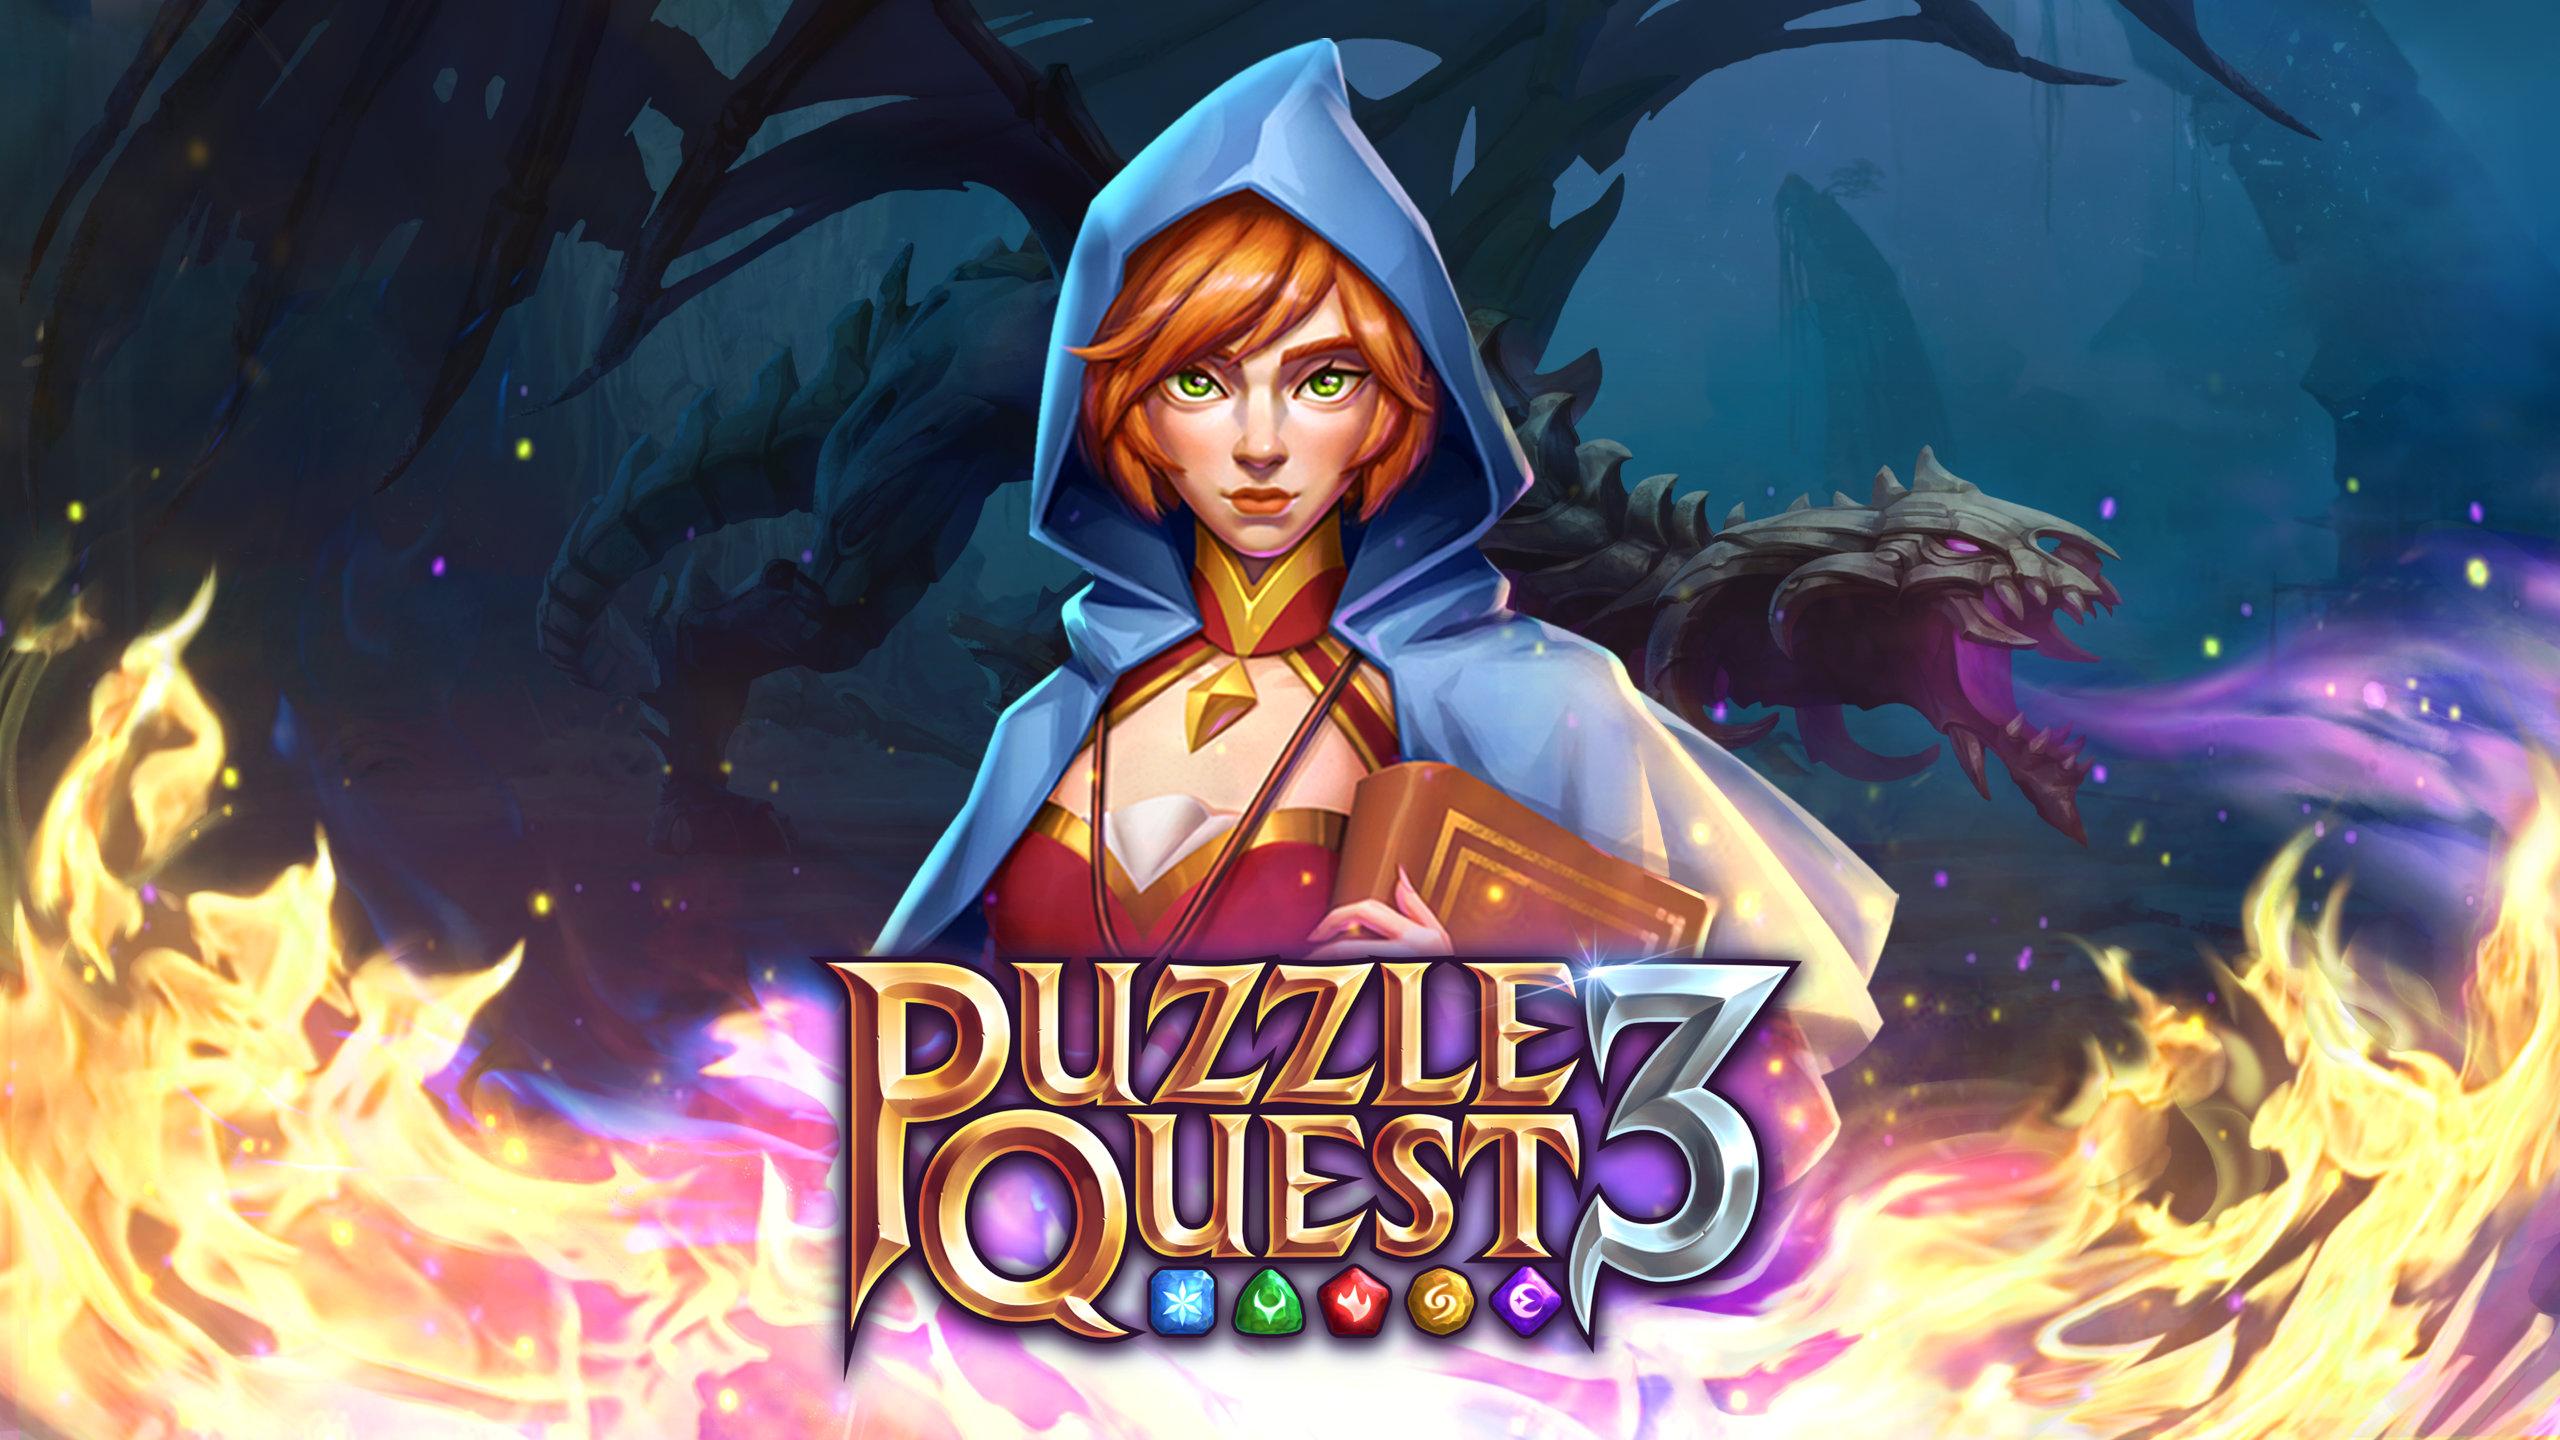 Puzzle Quest 3 Artwork